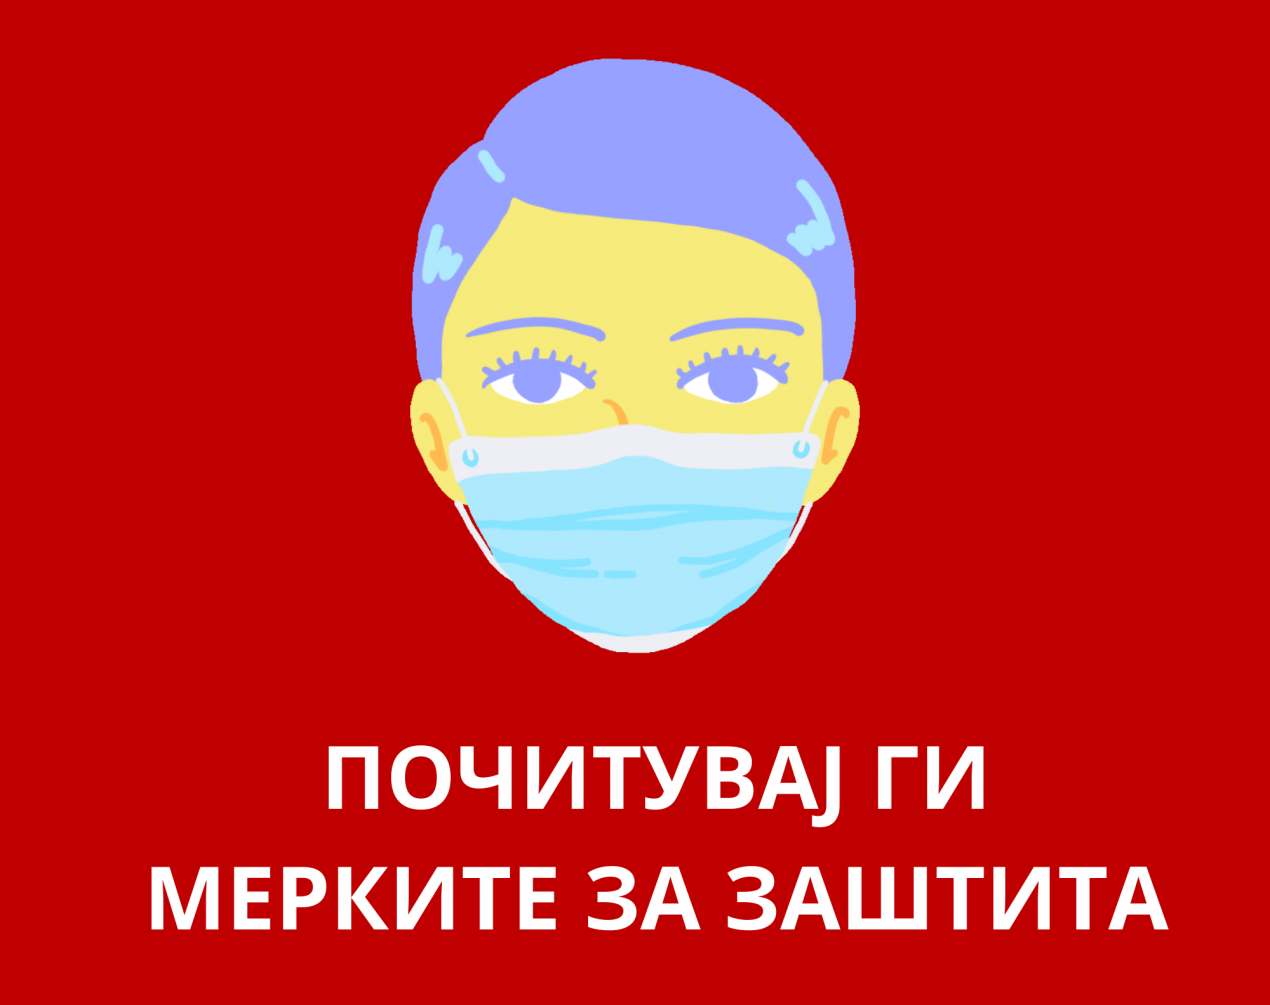 МАСКА 1270x1005